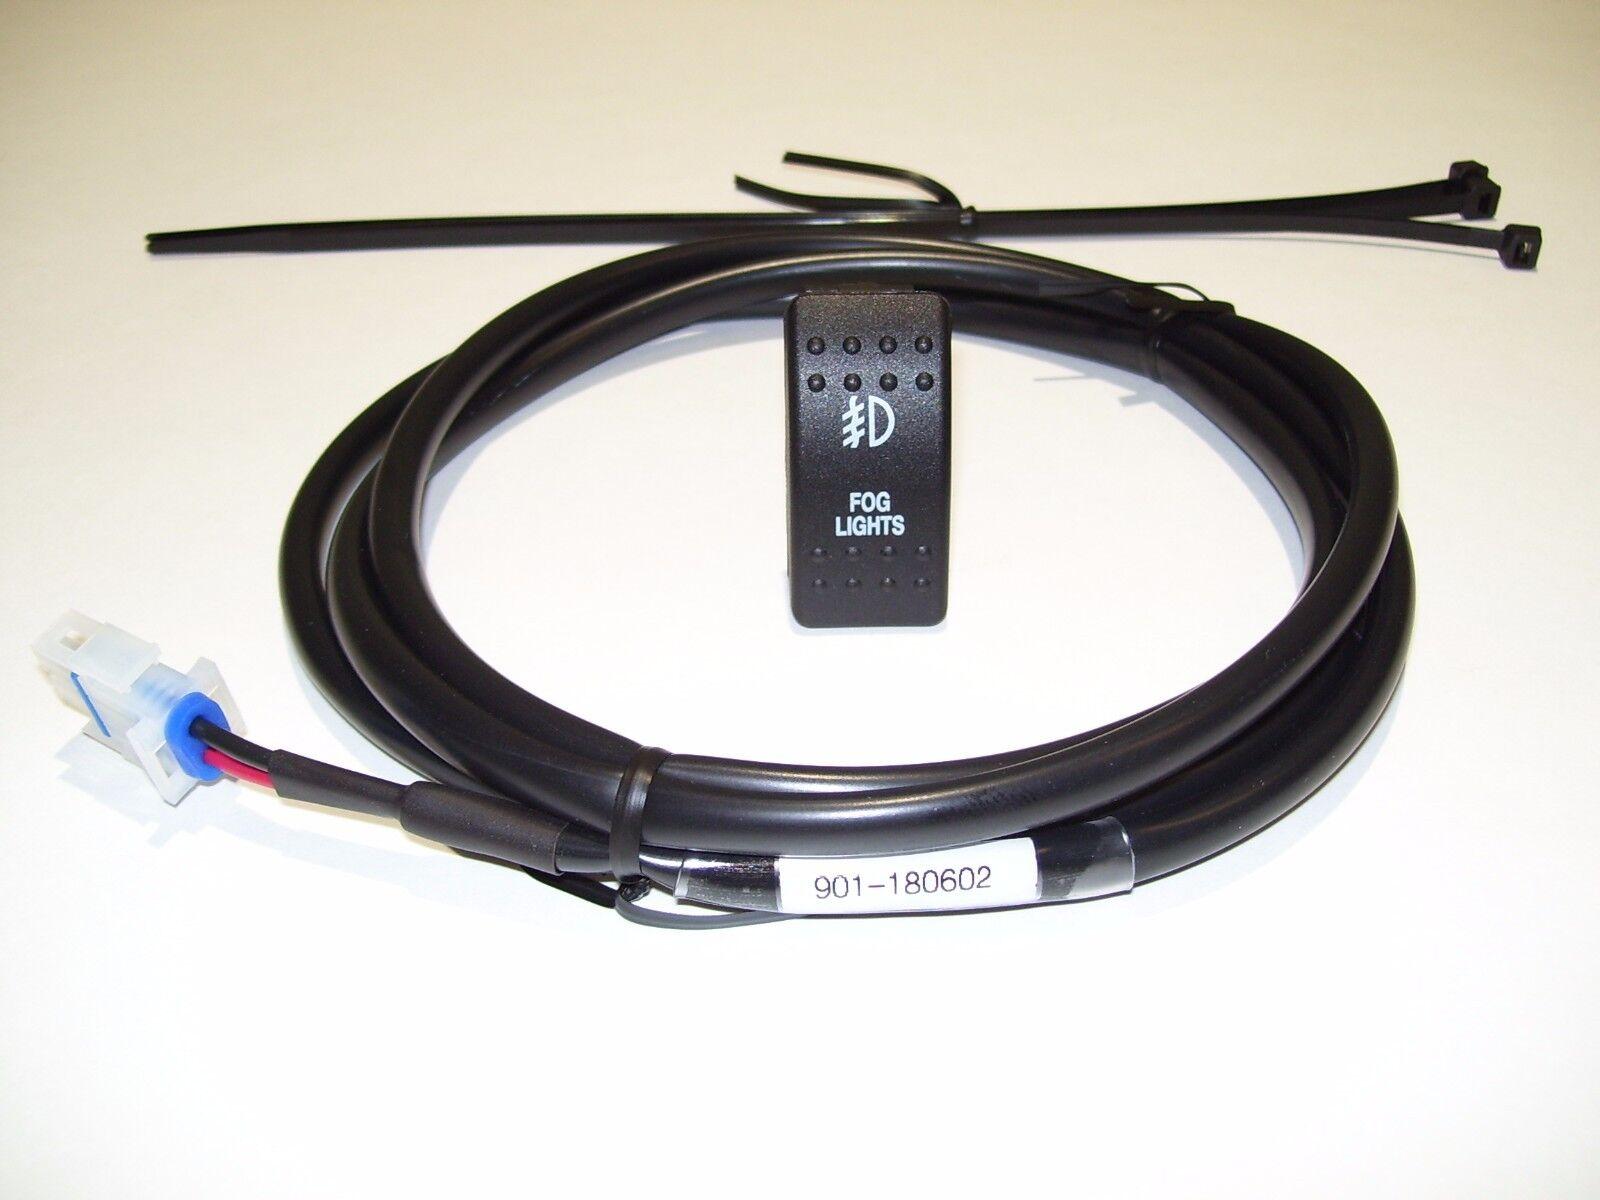 KIT#07, HONDA PIONEER 1000 3P/5P, FOG LIGHT,  HARNESS & SWITCH KIT, 6 FT, 5 AMP